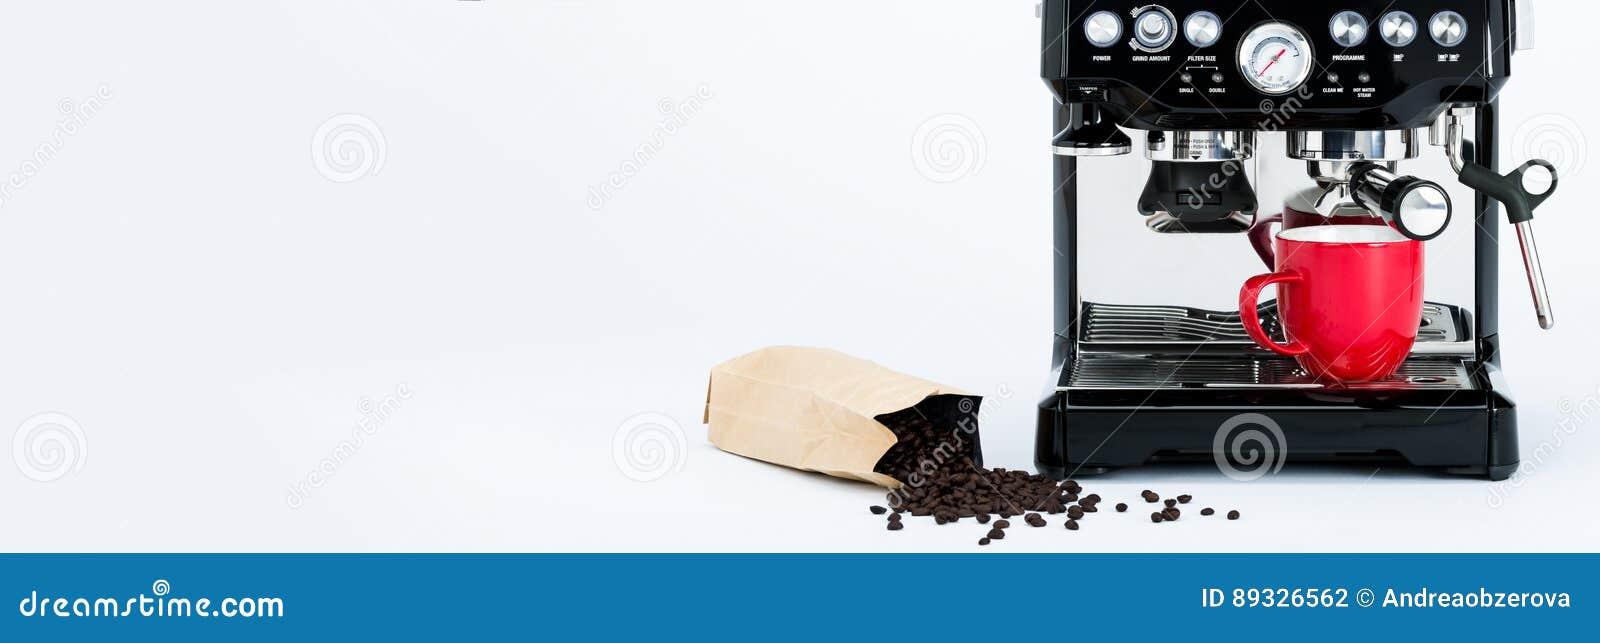 ad358e52e88dc Fahne mit lokalisierter schwarzer manueller Kaffeemaschine mit Schleifer  und roter Kaffeetasse und Tasche von frisch Röstkaffeebohnen auf weißem  Hintergrund ...